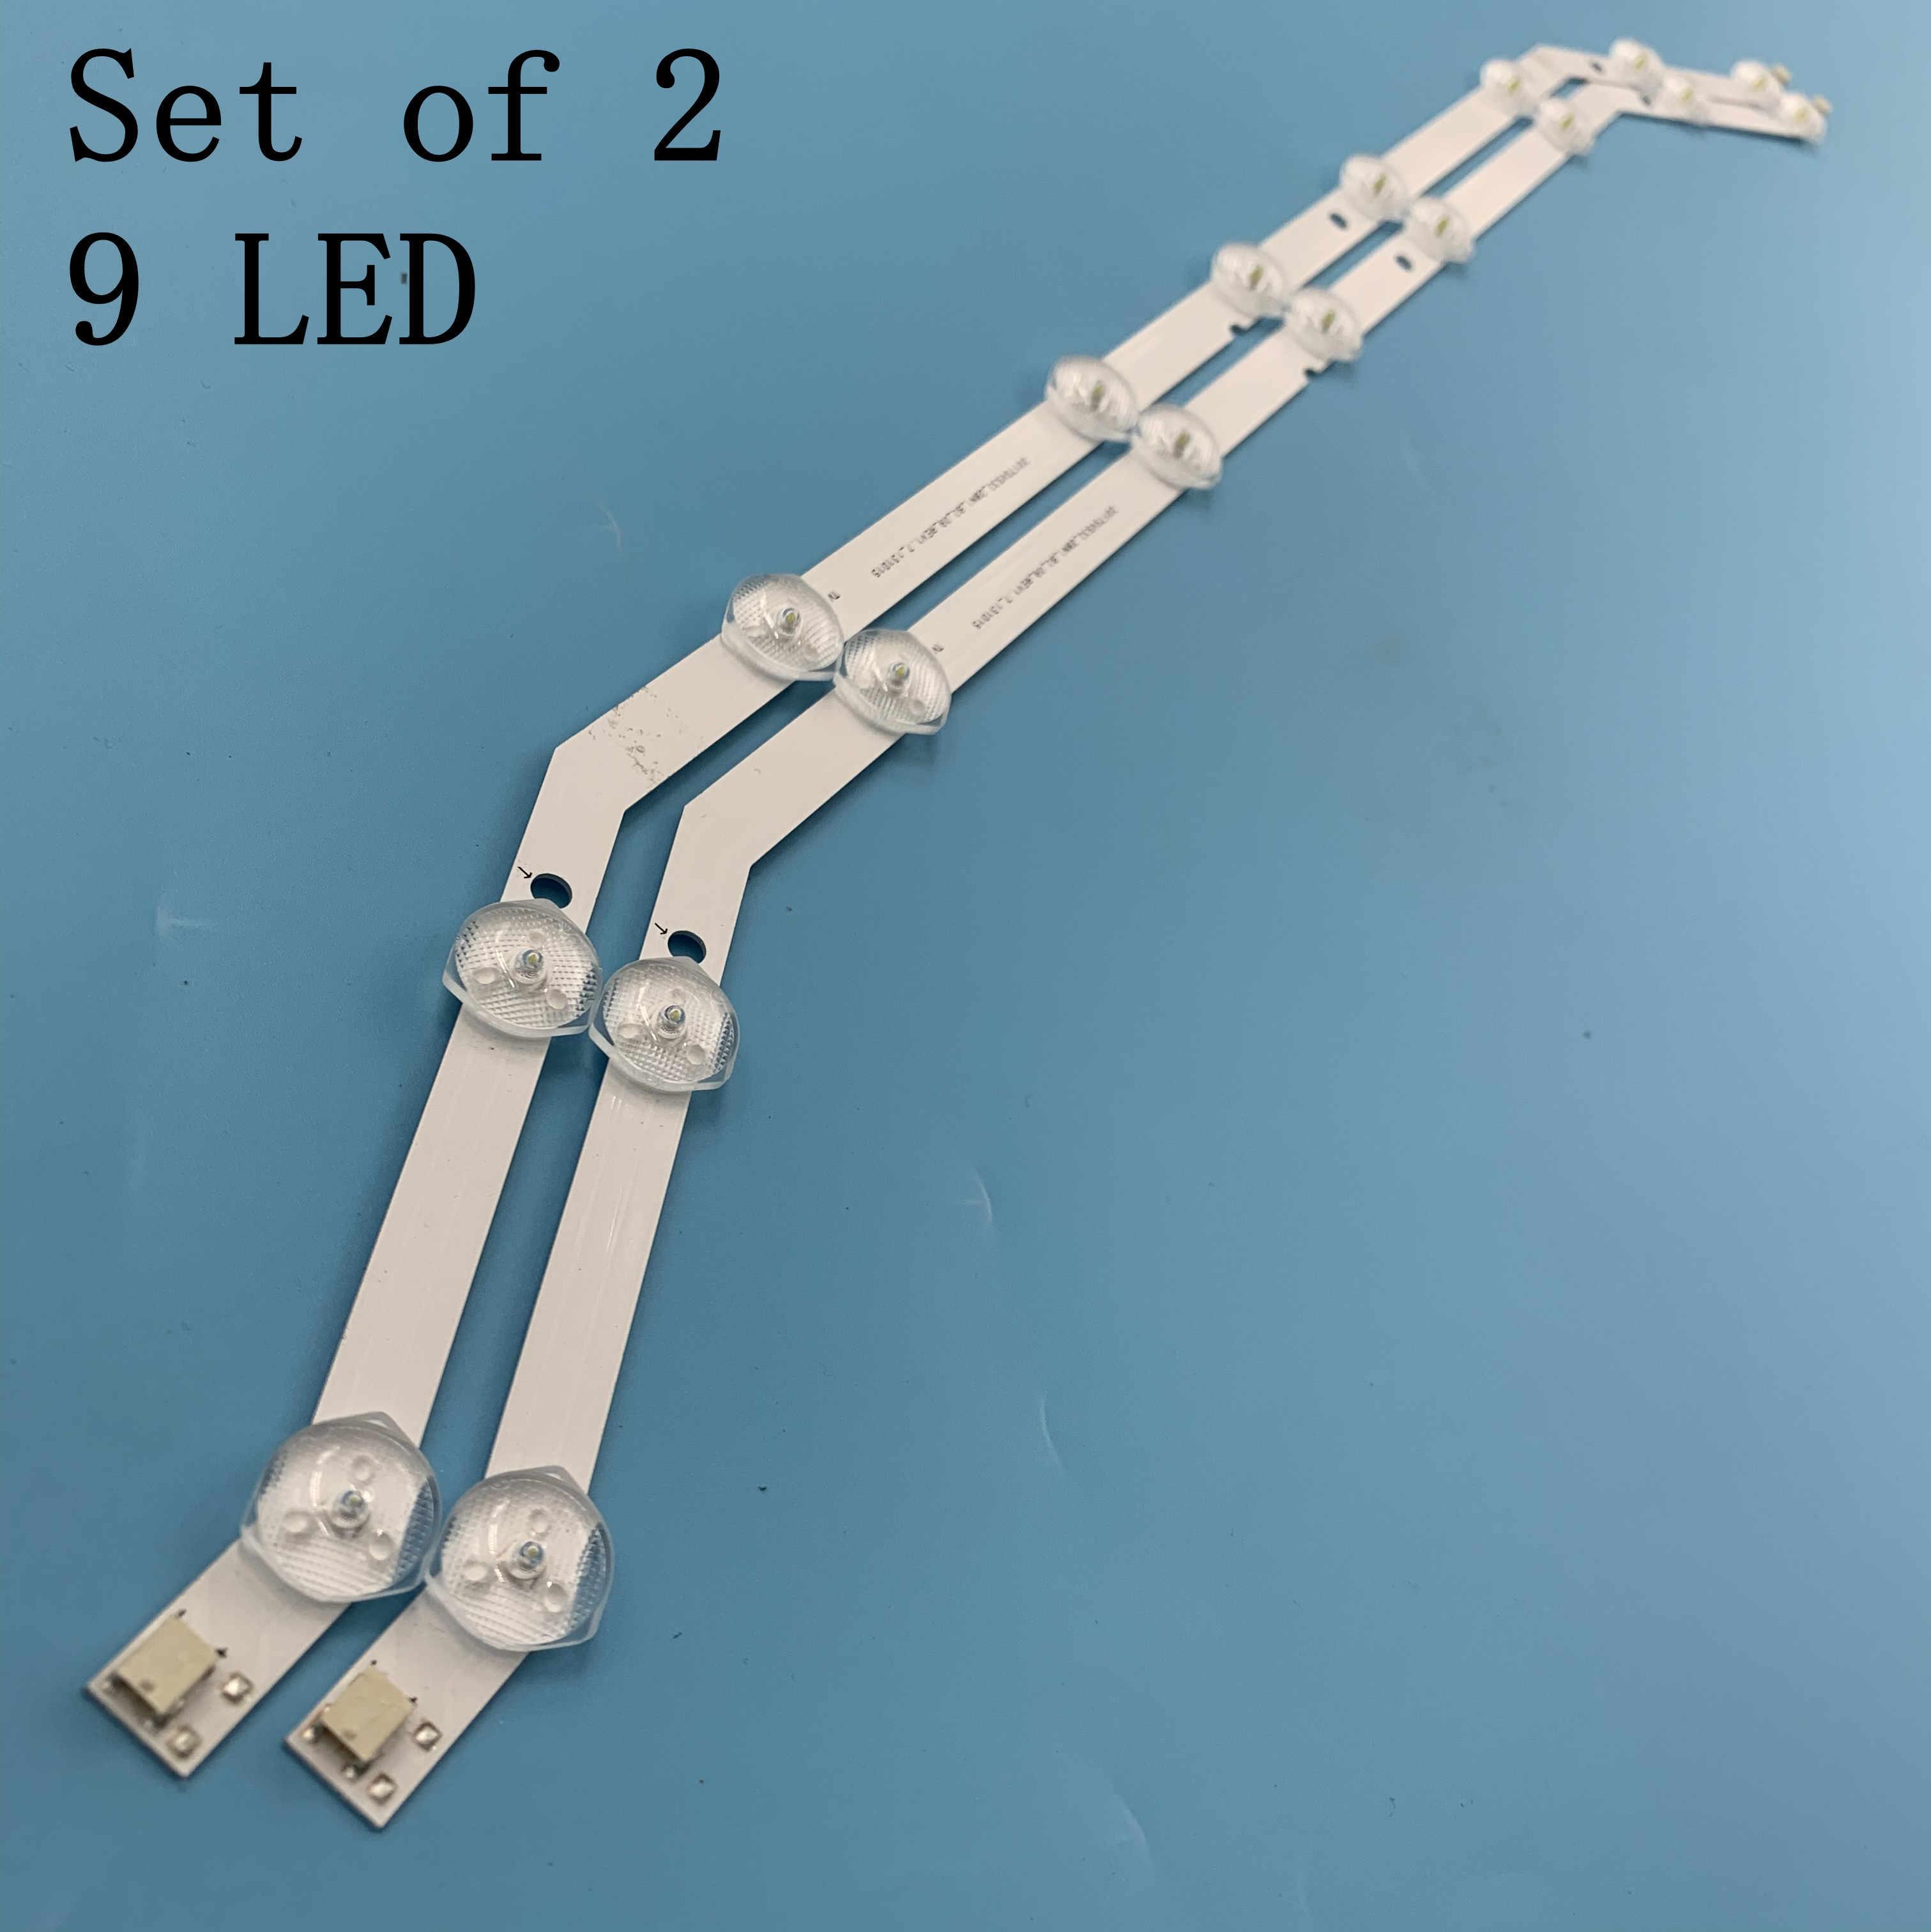 """9LED Backlight Strip Voor Samsung 32 """"Tv 2013svs32_3228N1_B2_09 Barra 9-Led Strip D3GE-320SM0-R2 UE32EH4003WX"""